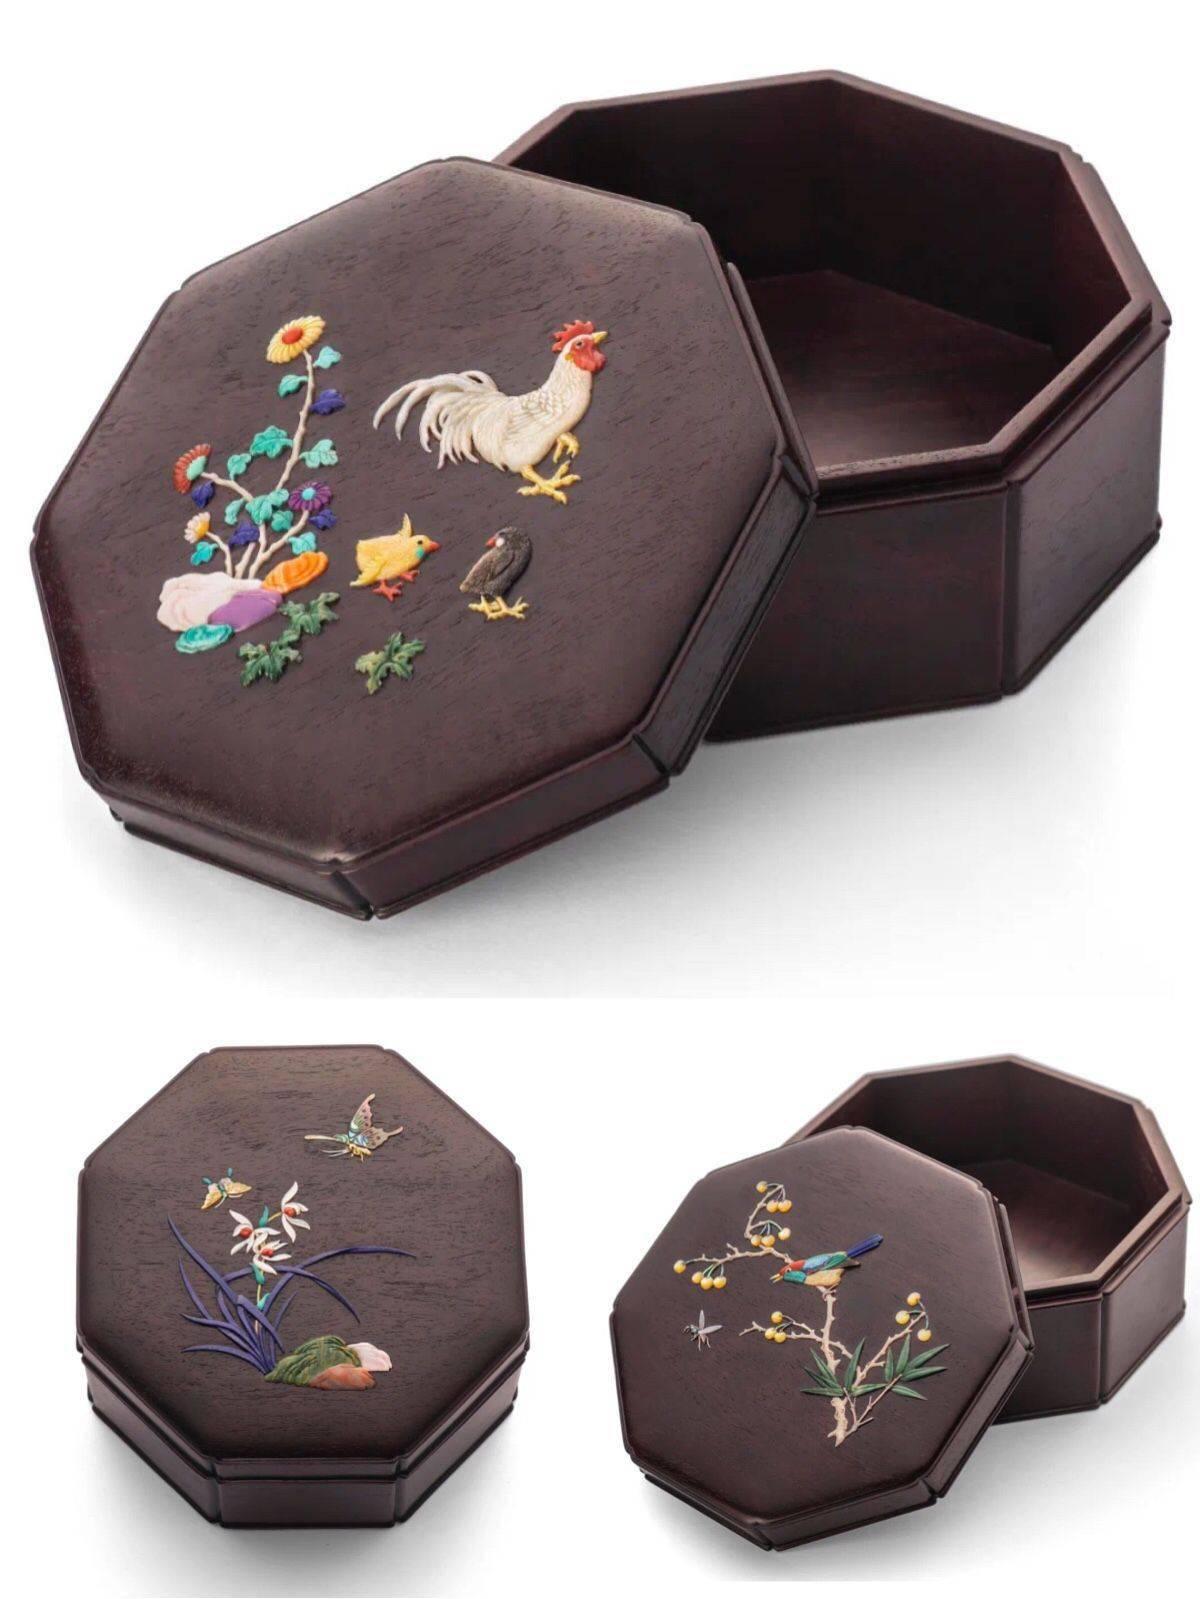 和记平台好物│明晰中国古典家具艺术之美,百宝嵌给你